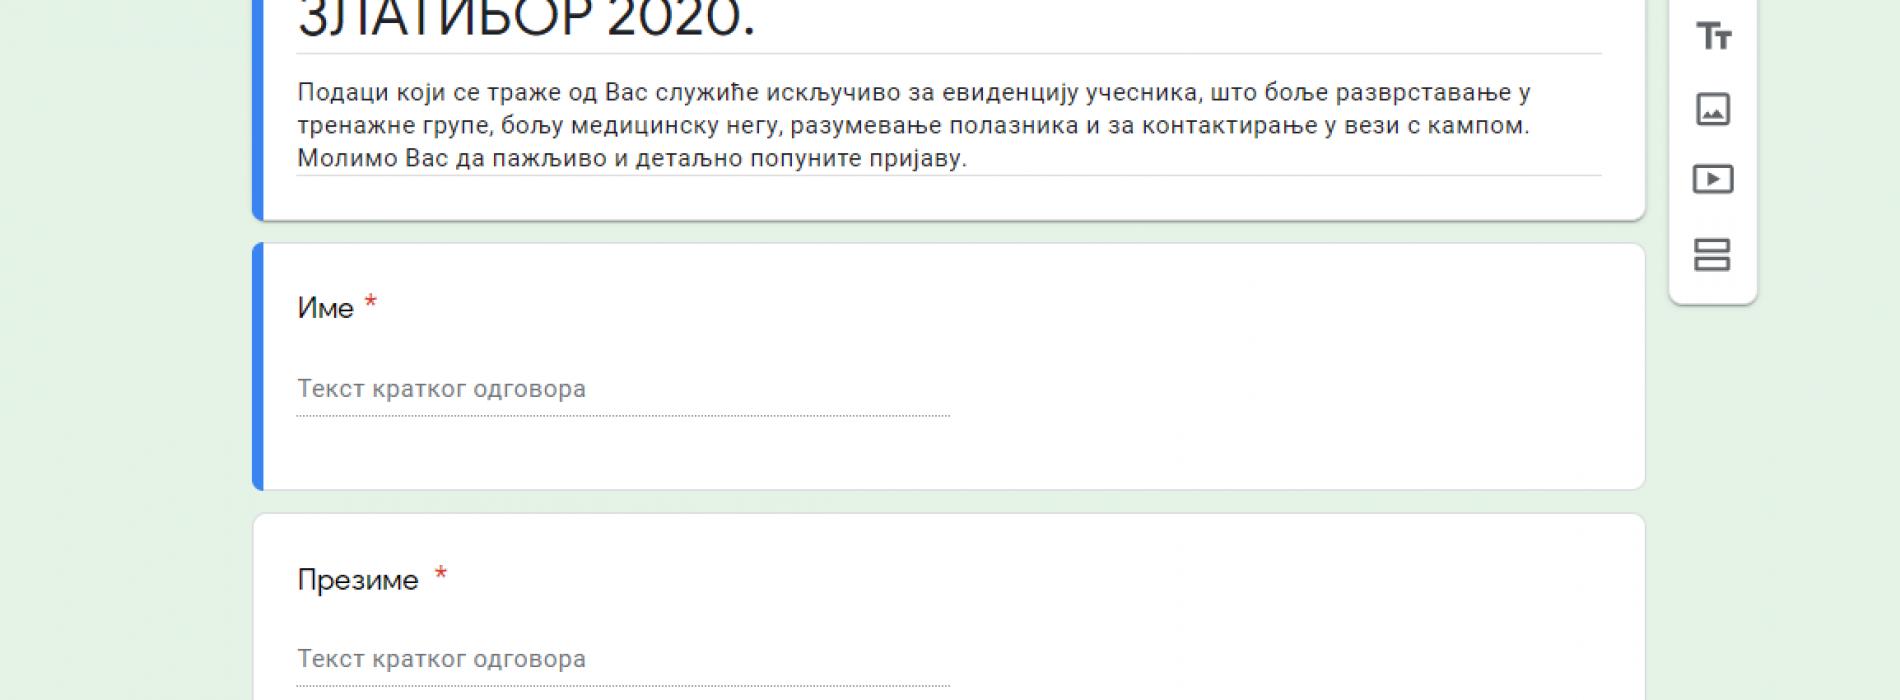 Online prijave za Zlatibor i Kraljevo !